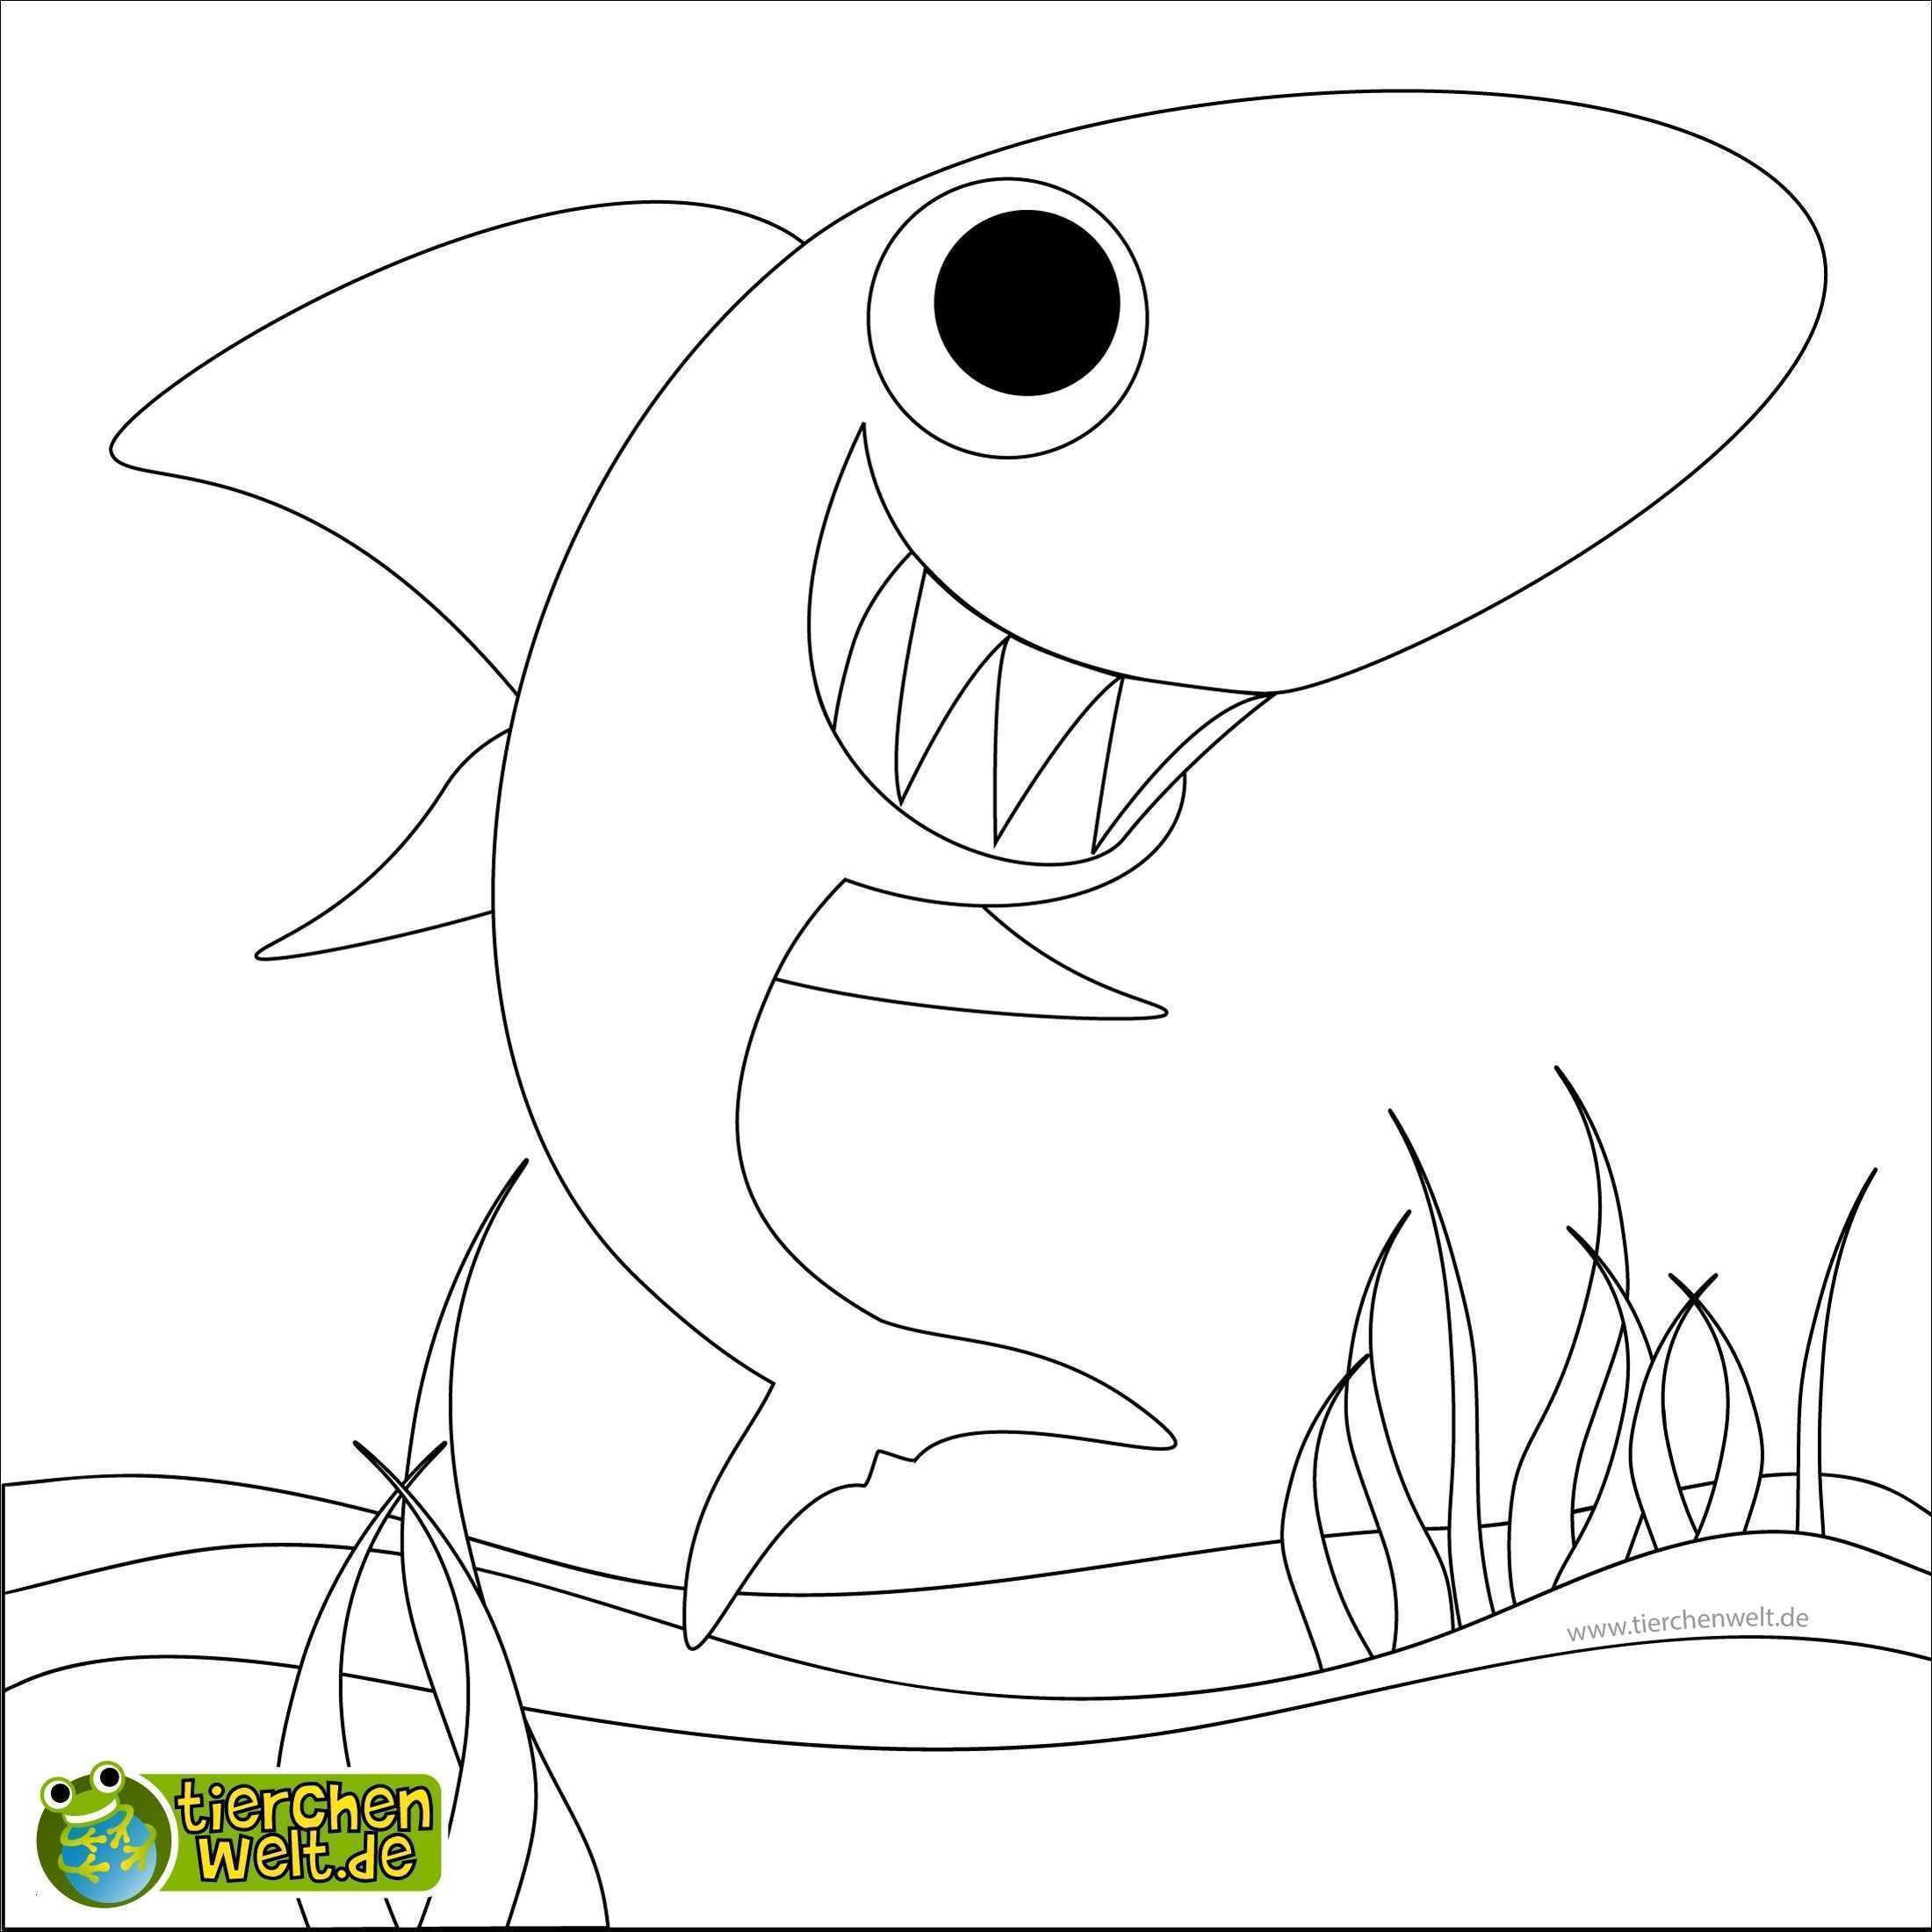 Ausmalbild Super Wings Frisch Hai Bilder Zum Ausmalen Ausmalbilder sonic Lernspiele Färbung Stock